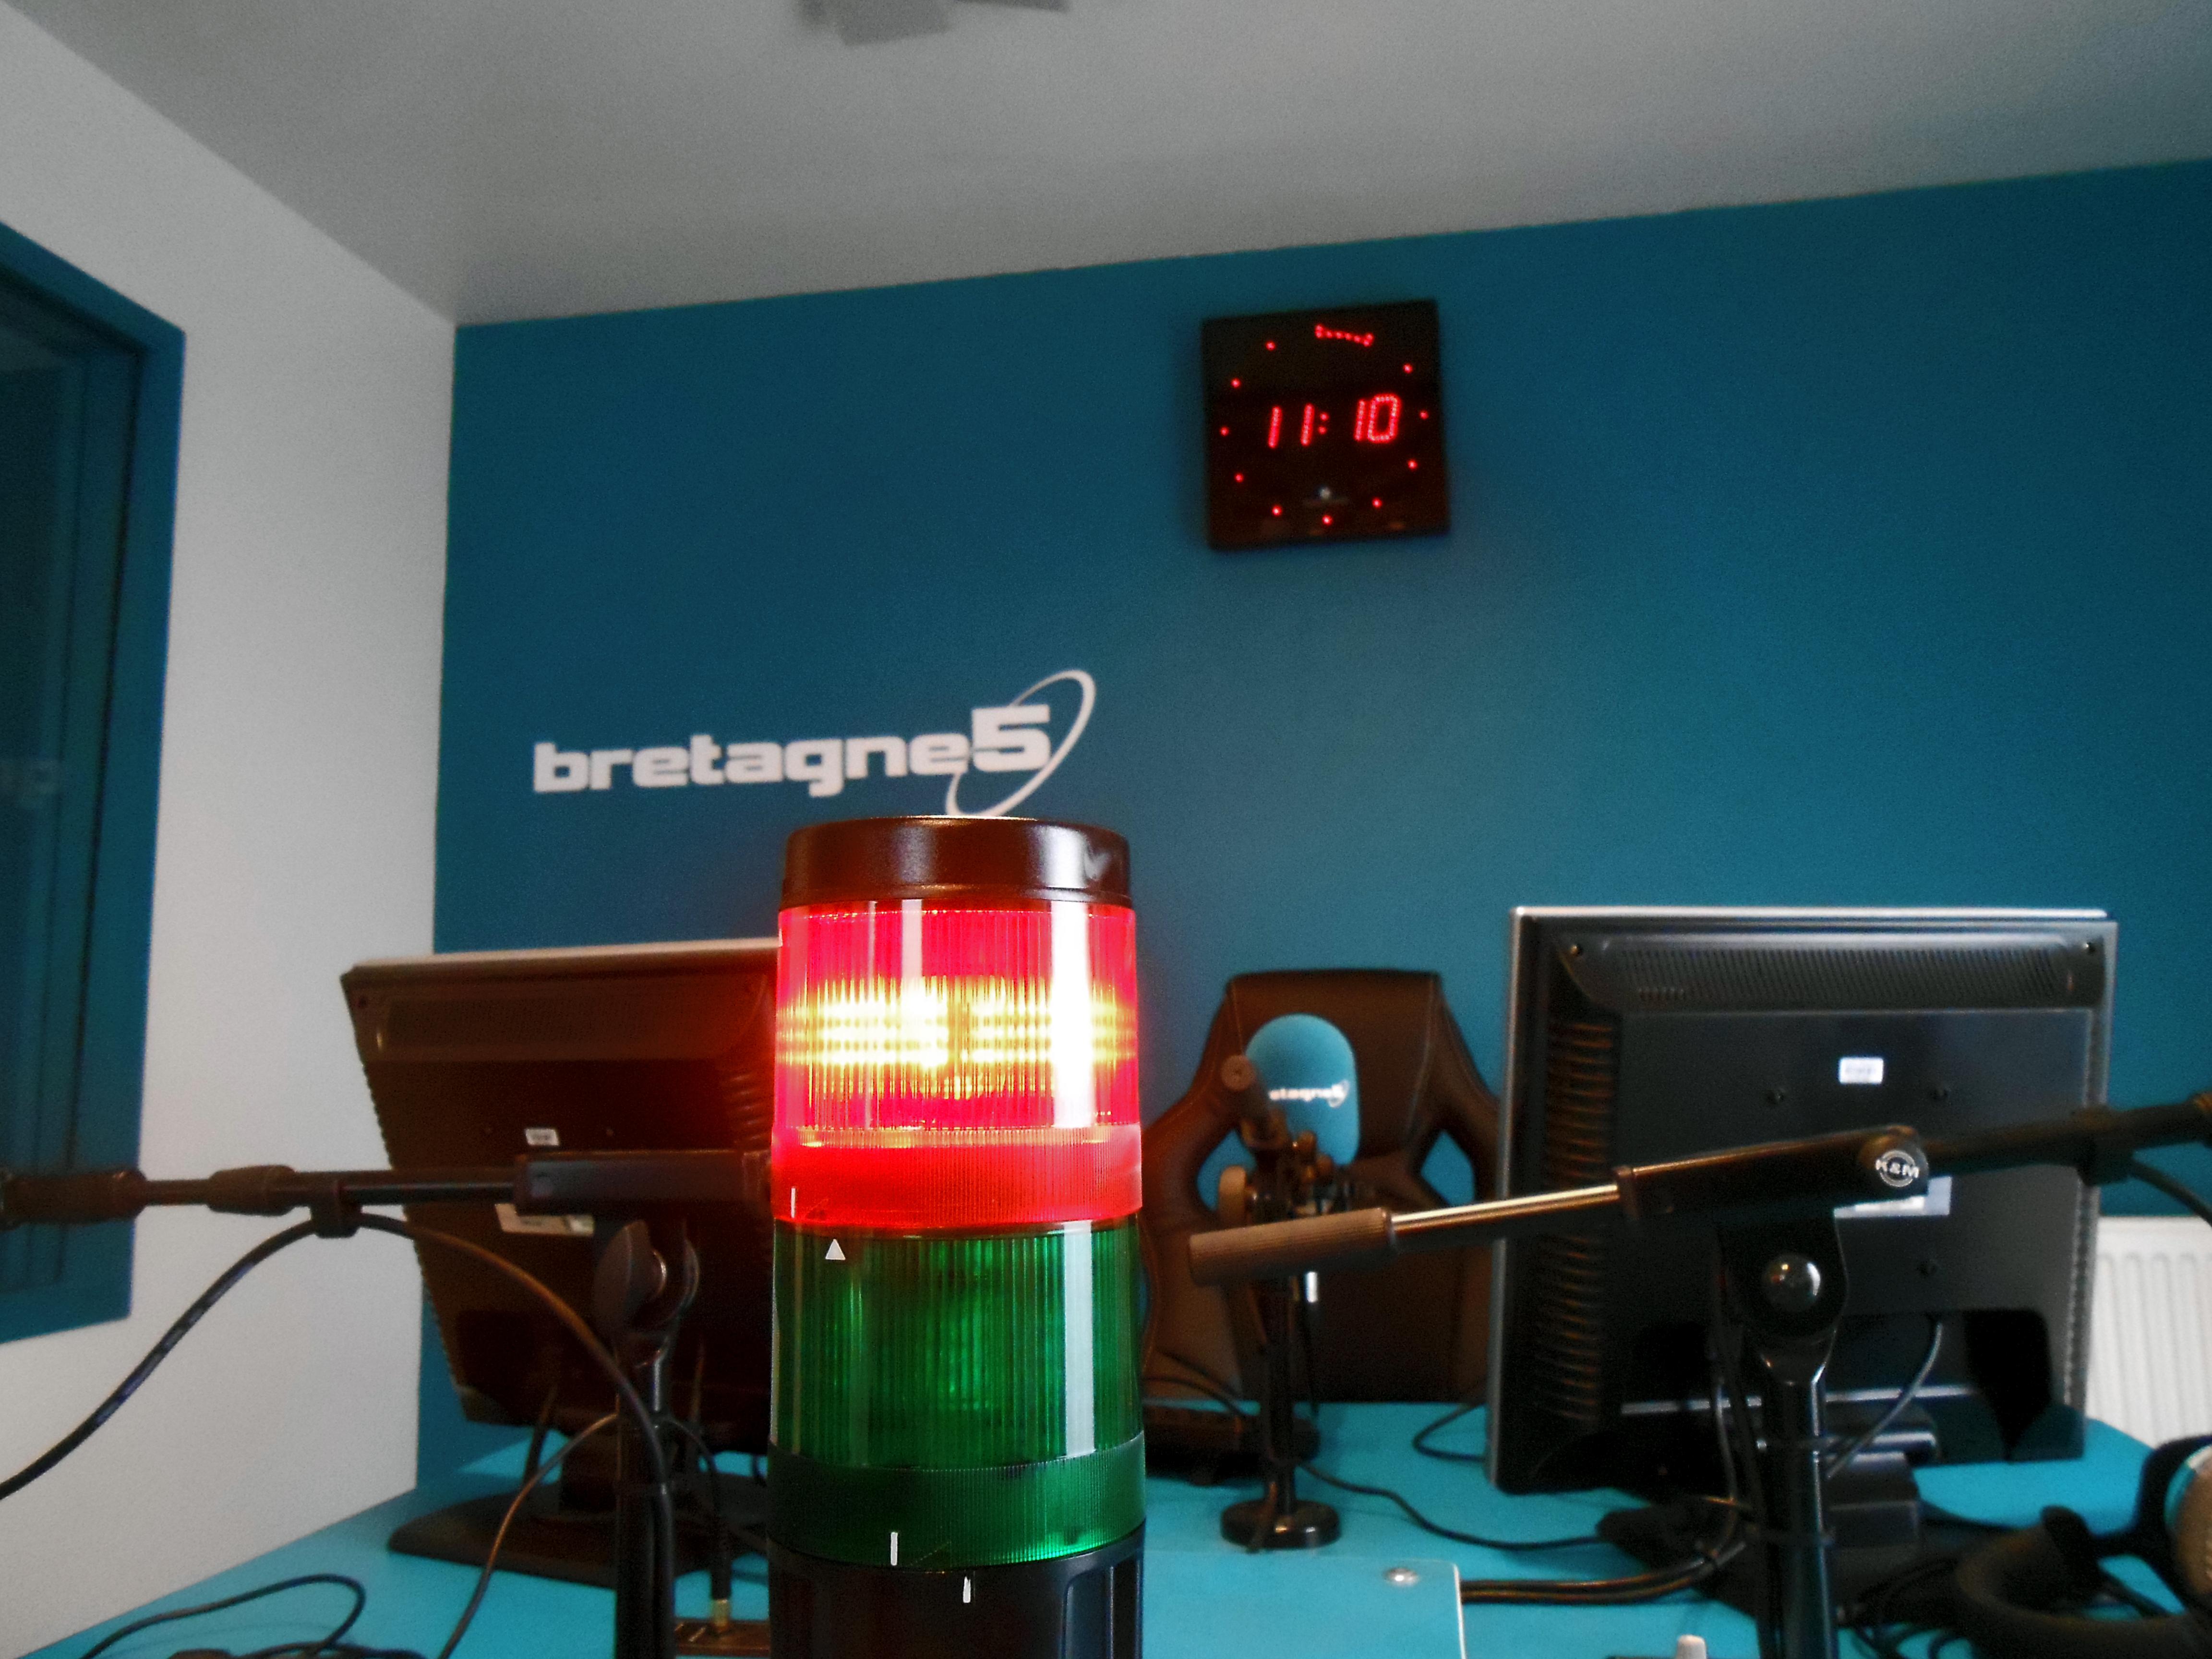 Bretagne 5 est la première radio associative autorisée à diffuser en ondes moyennes en France. Elle est aussi la première radio privée française à avoir effectué des essais de diffusion en ondes moyennes numériques (DRM) en 2008.